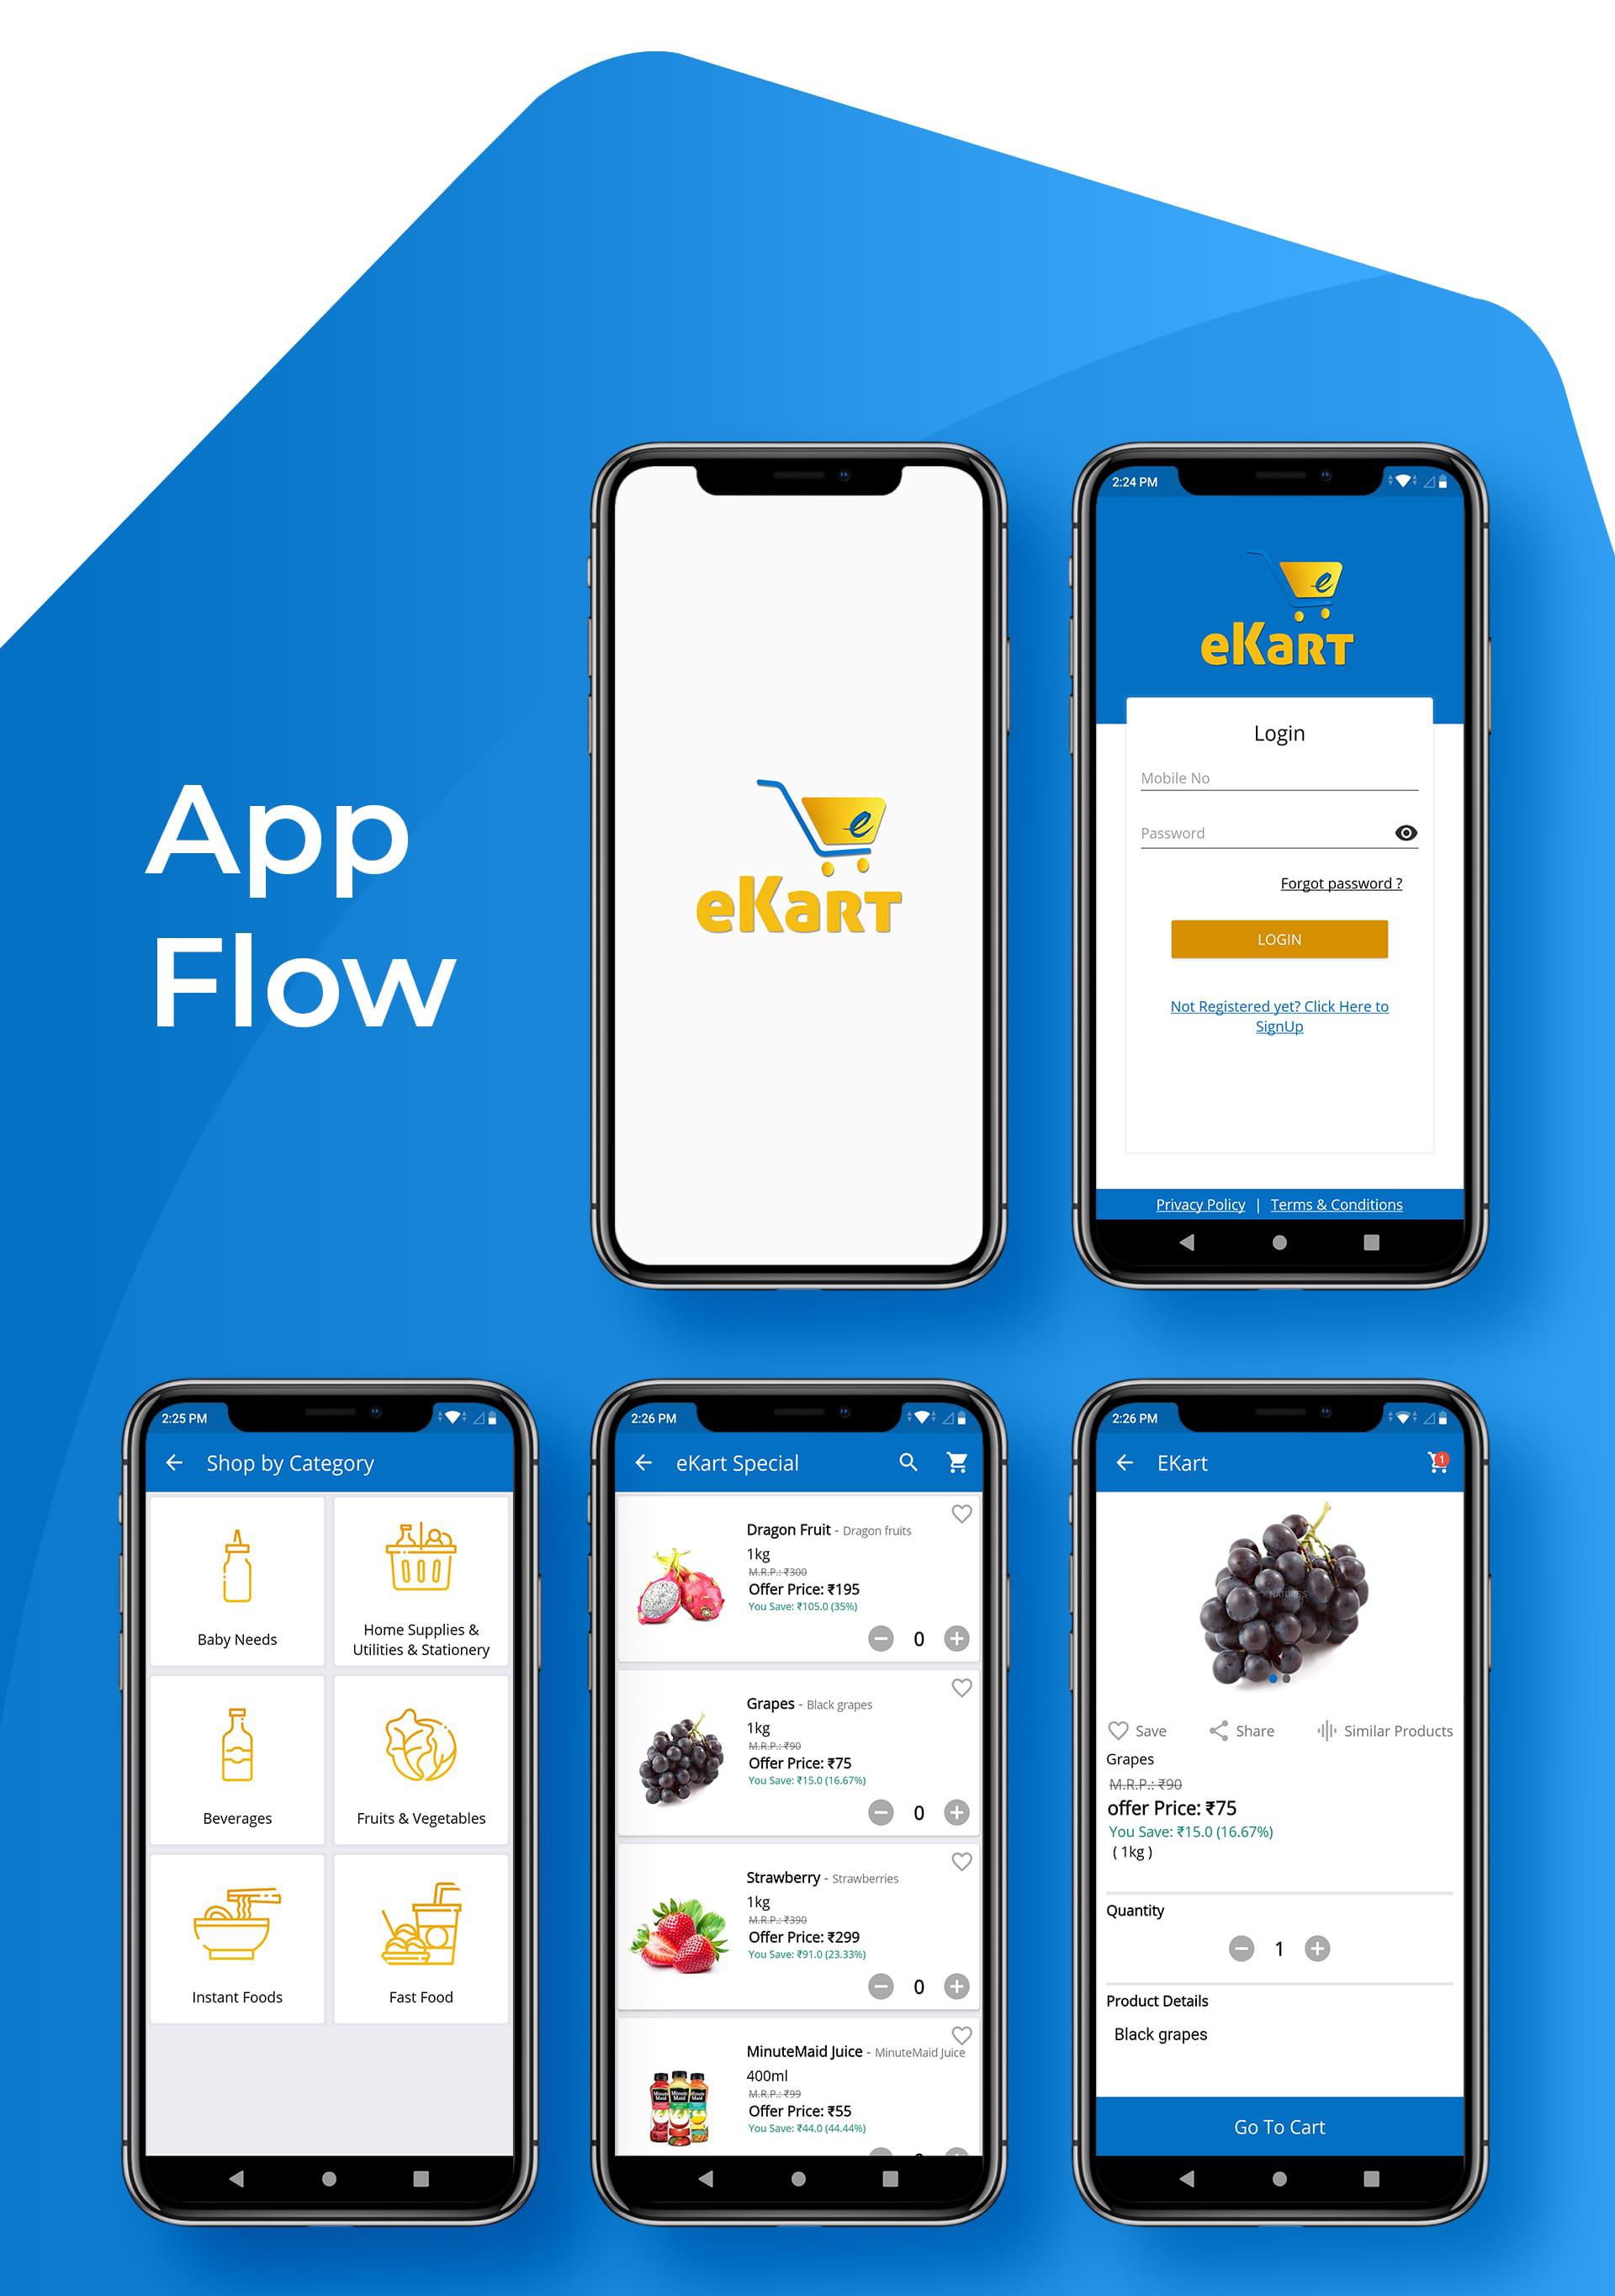 eKart - Android e-commerce app - 7